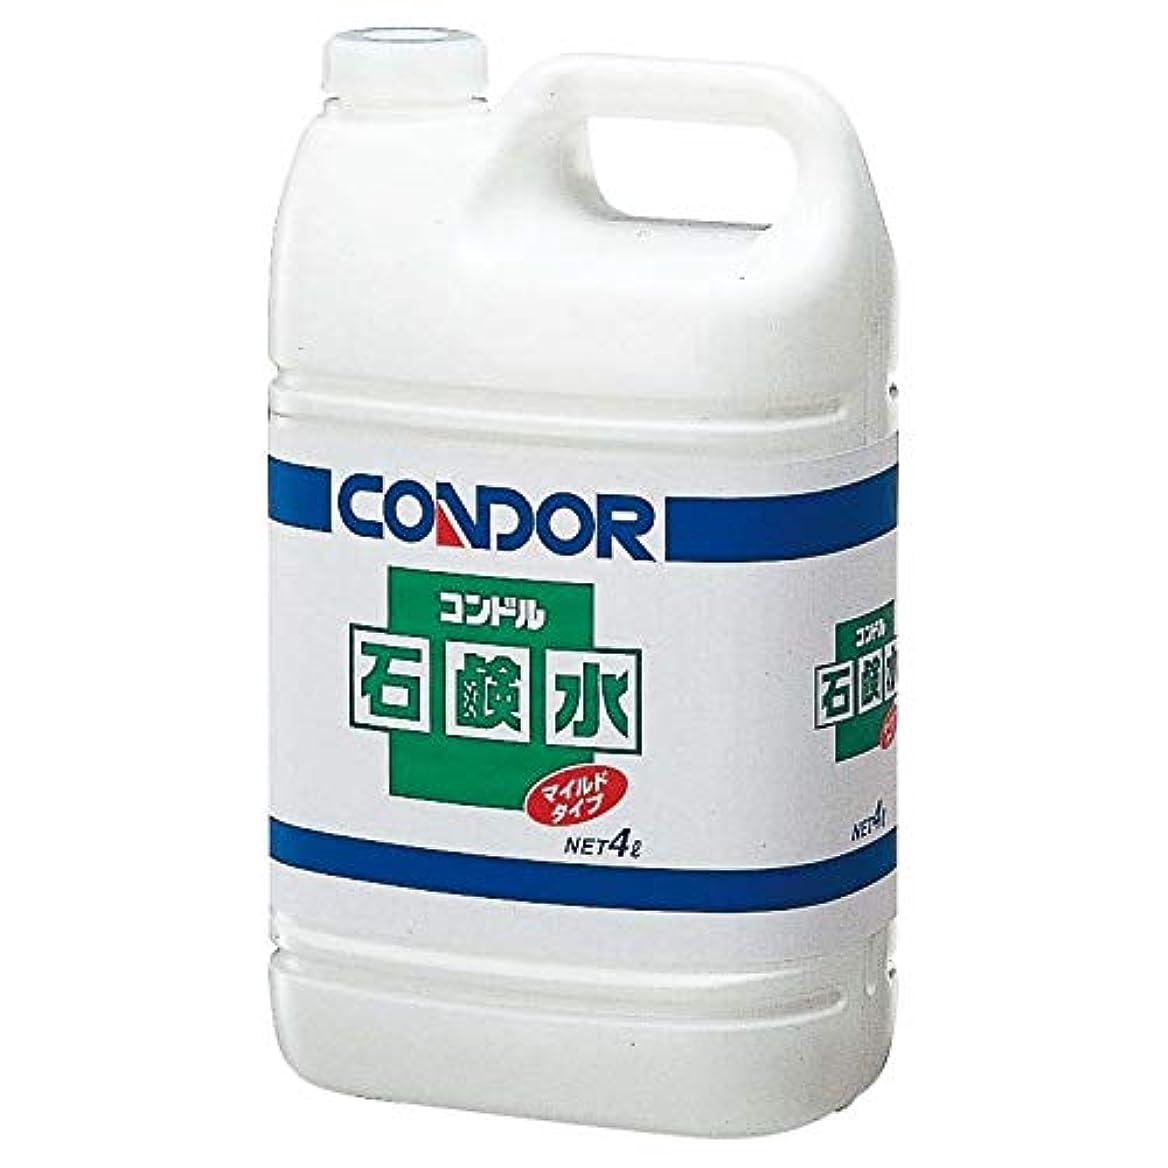 つま先反応する宇宙飛行士【清潔キレイ館】コンドル 石鹸水(4L)